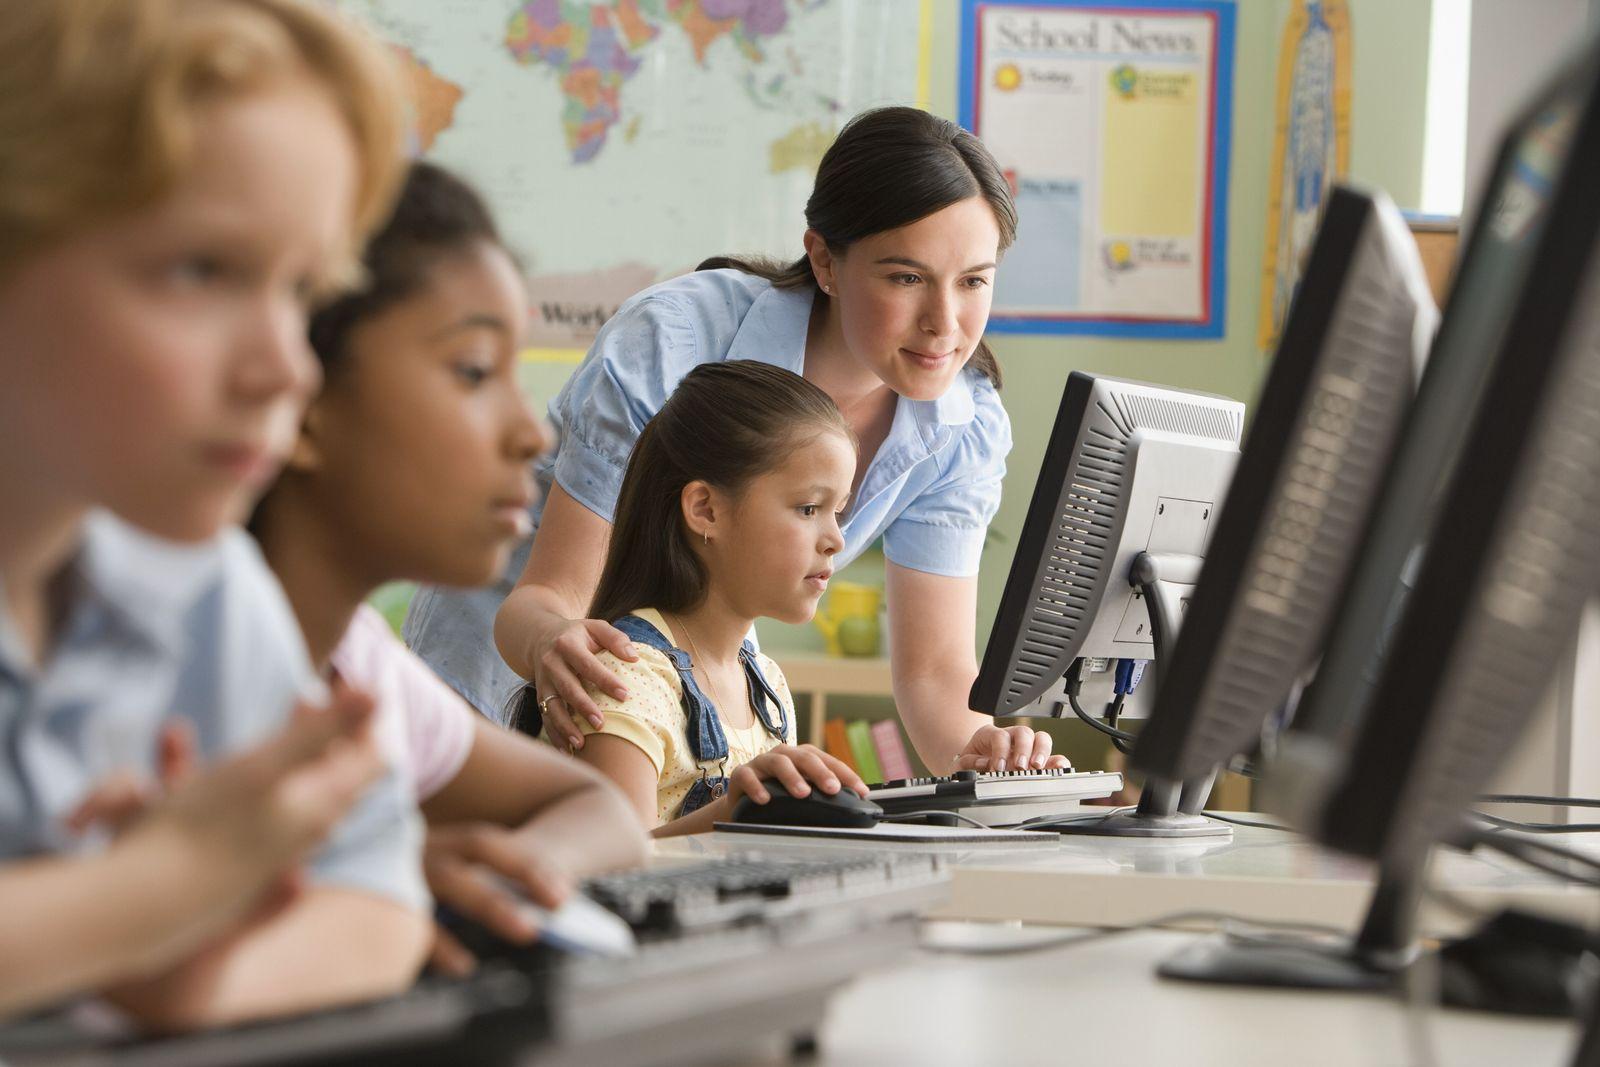 NICHT MEHR VERWENDEN! - Lehrer / Shüler / individualisiertes Lernen / Lerngruppen